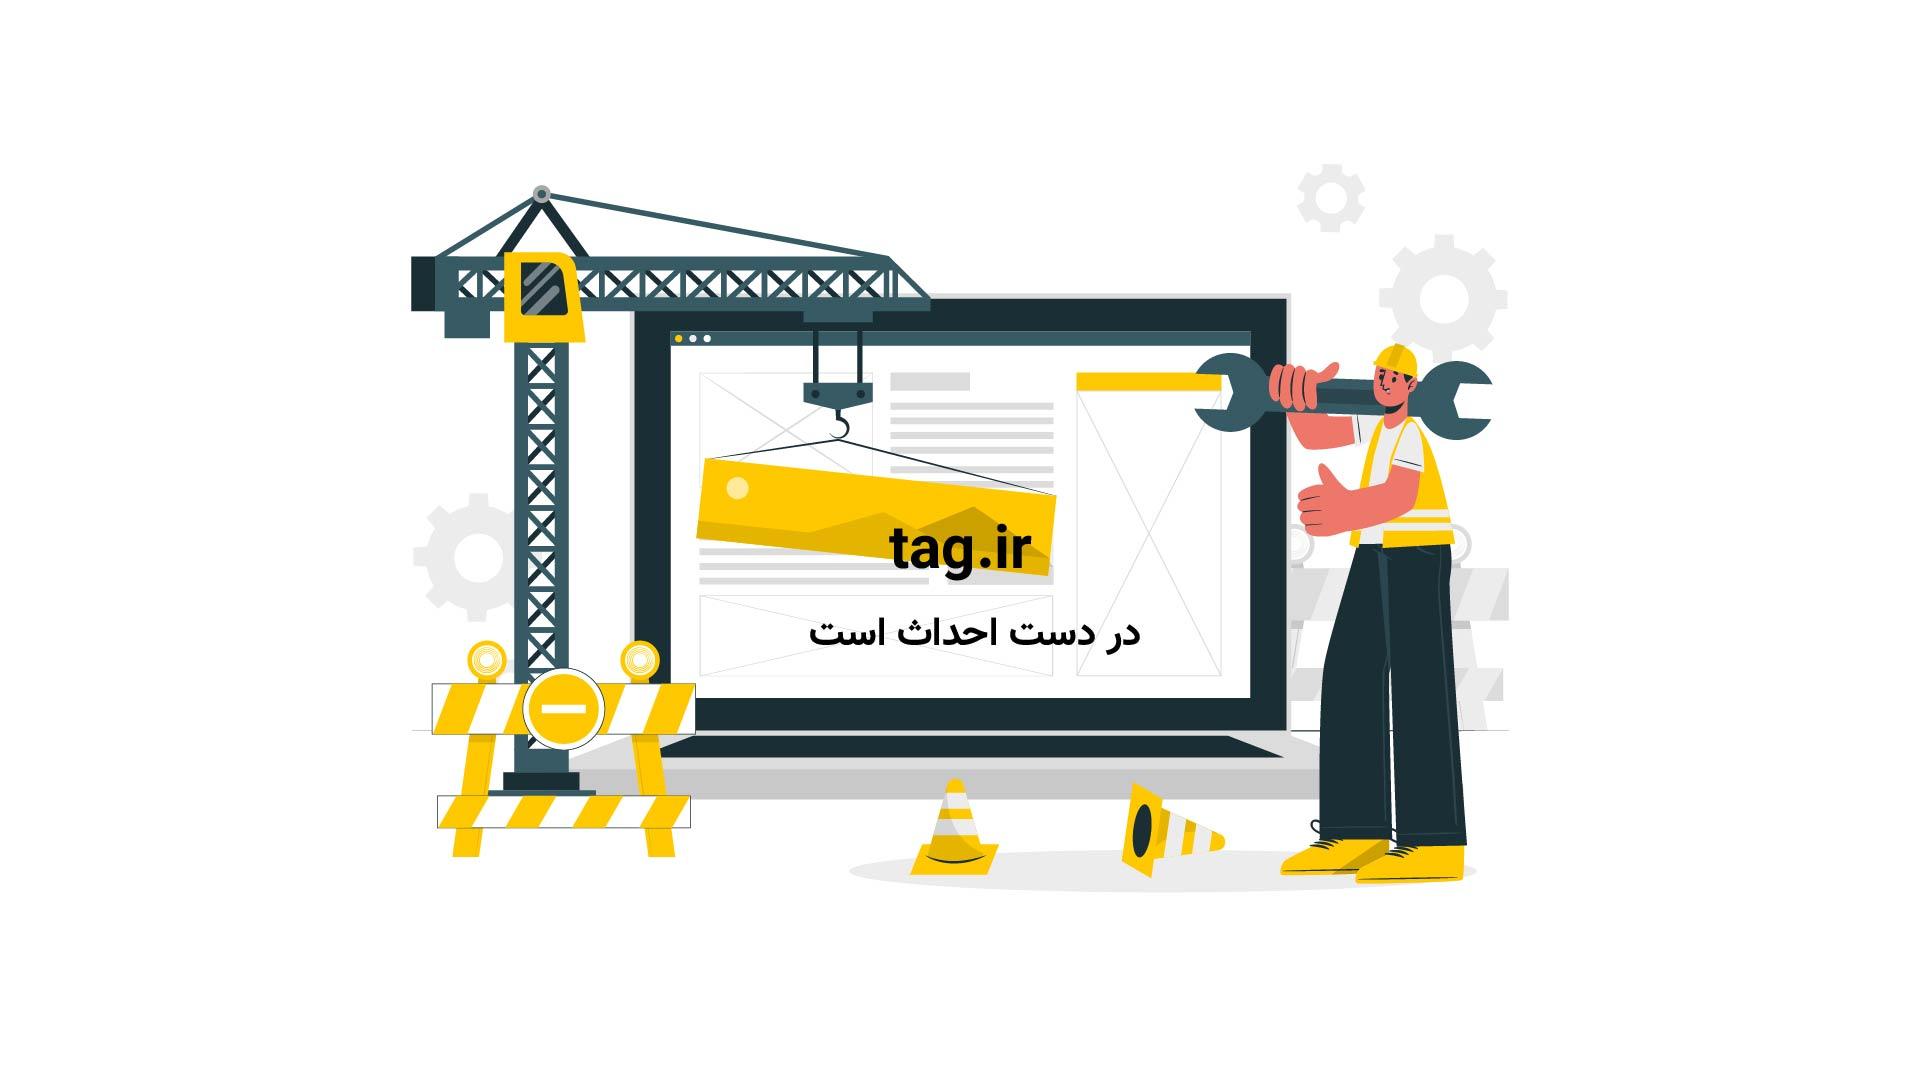 زیبایی های باغ عفیف آباد در استان فارس | فیلم